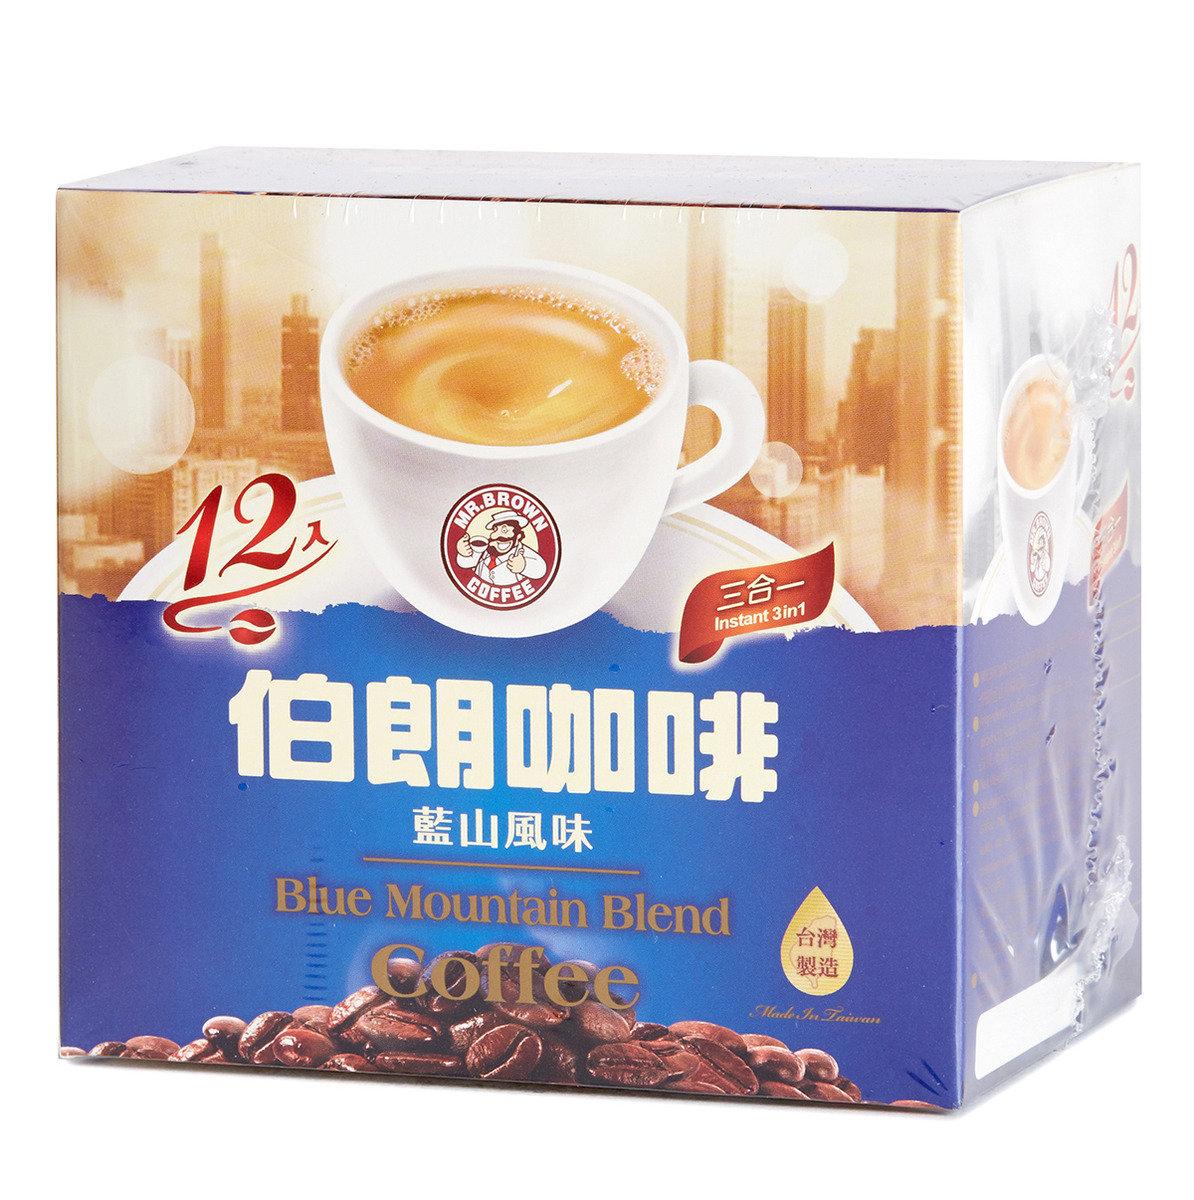 藍山風味三合一咖啡